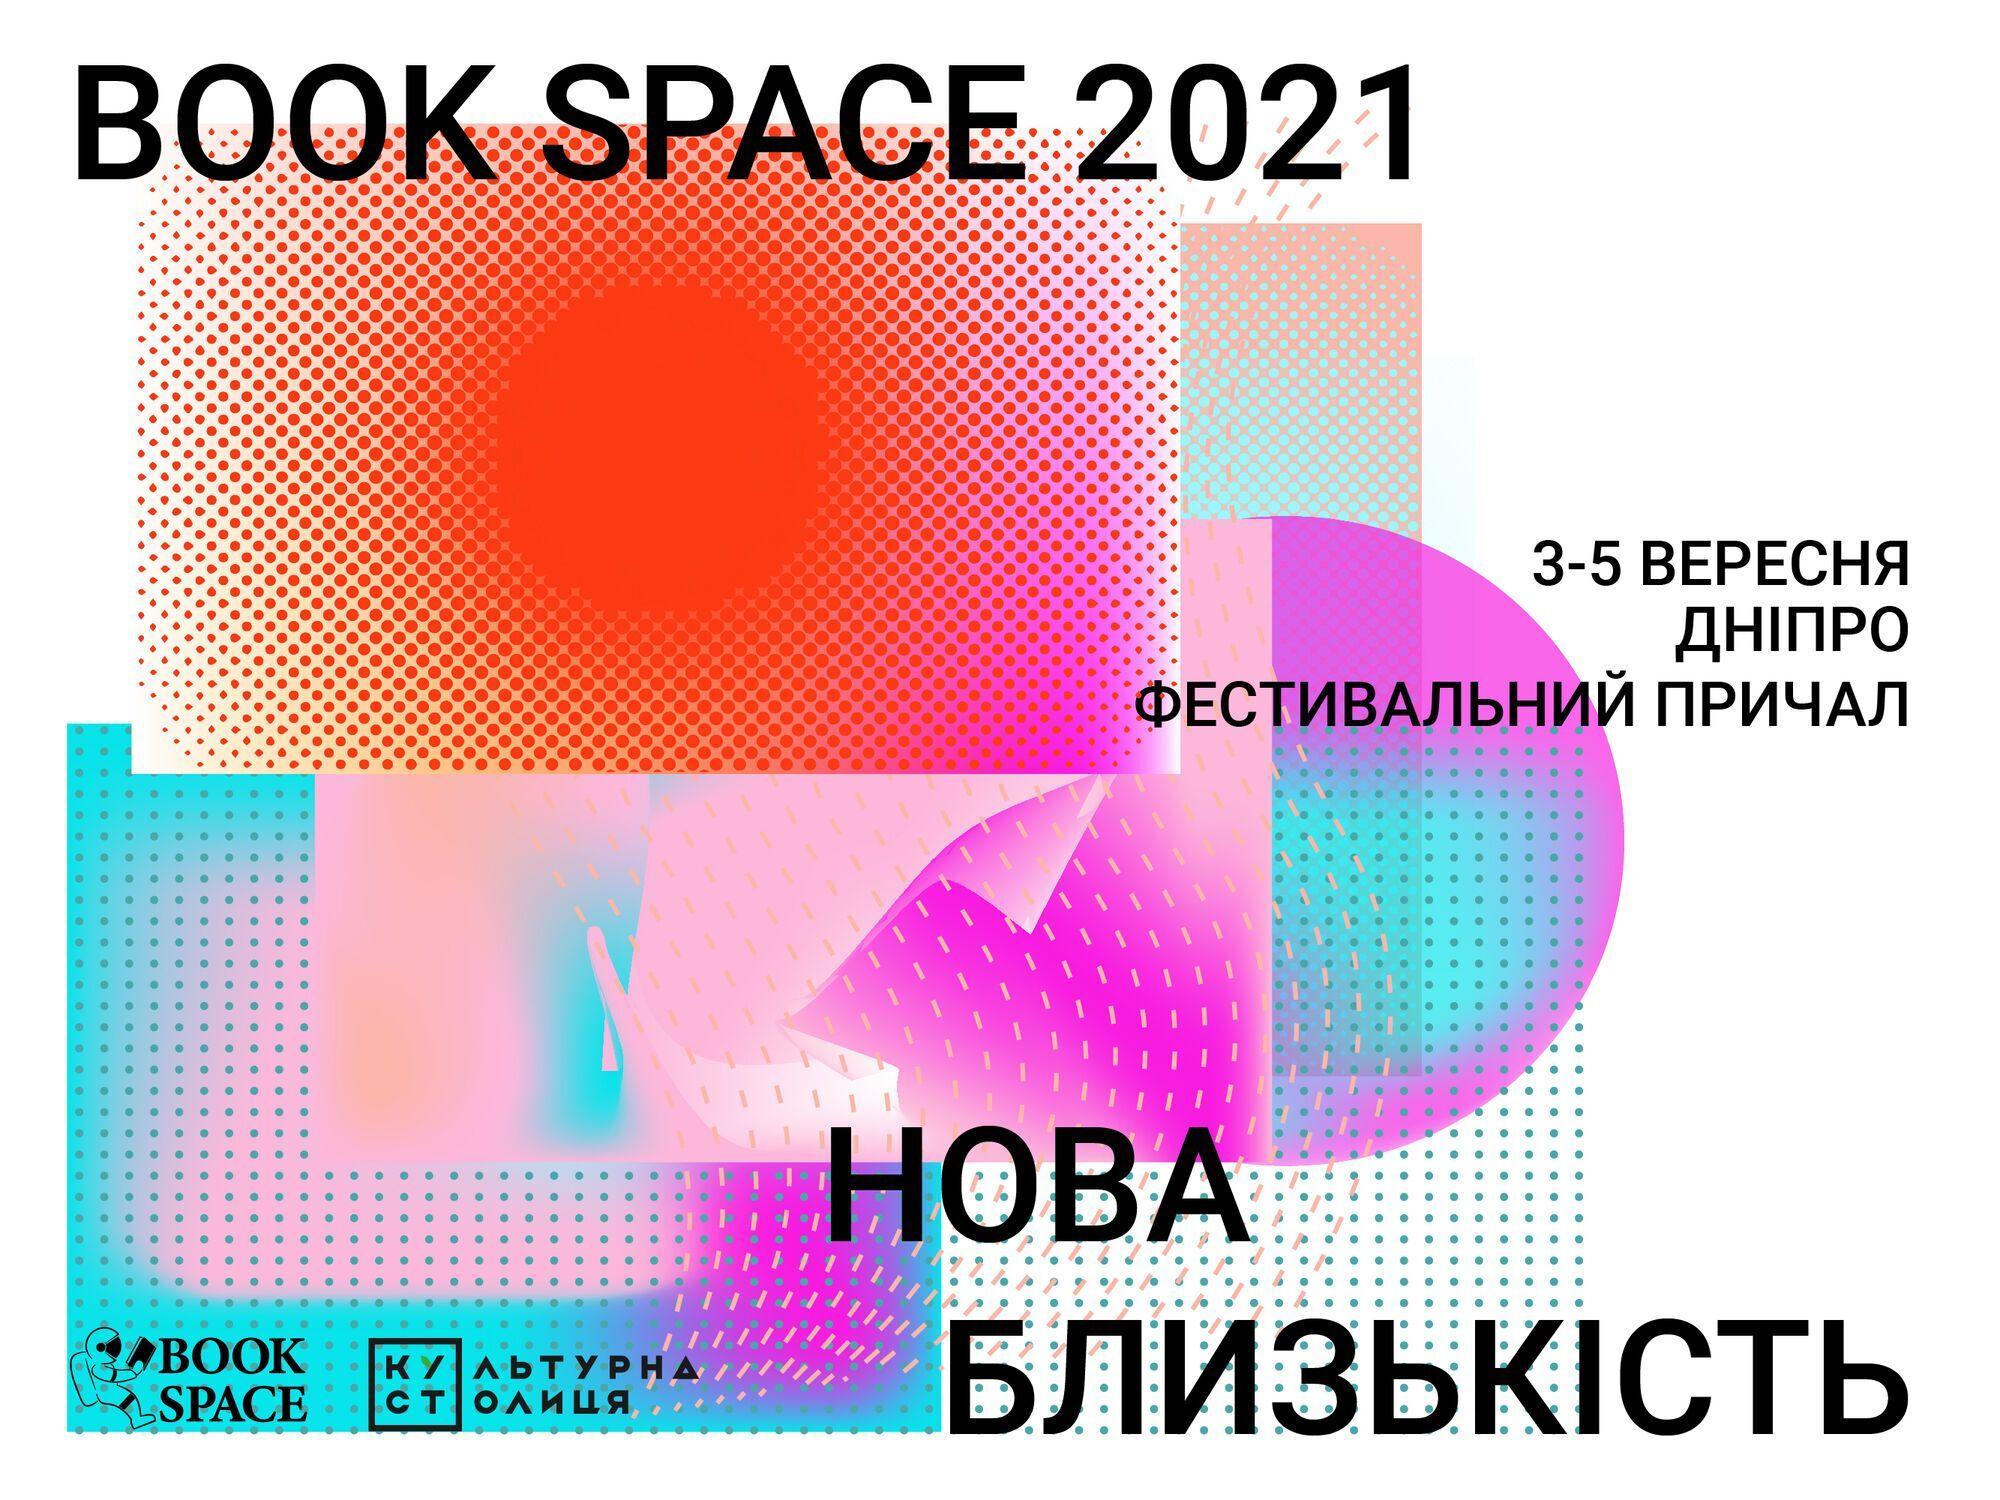 """Книжковий фестиваль """"Book Space-2021"""" оголосив дату проведення та фокусну тему"""